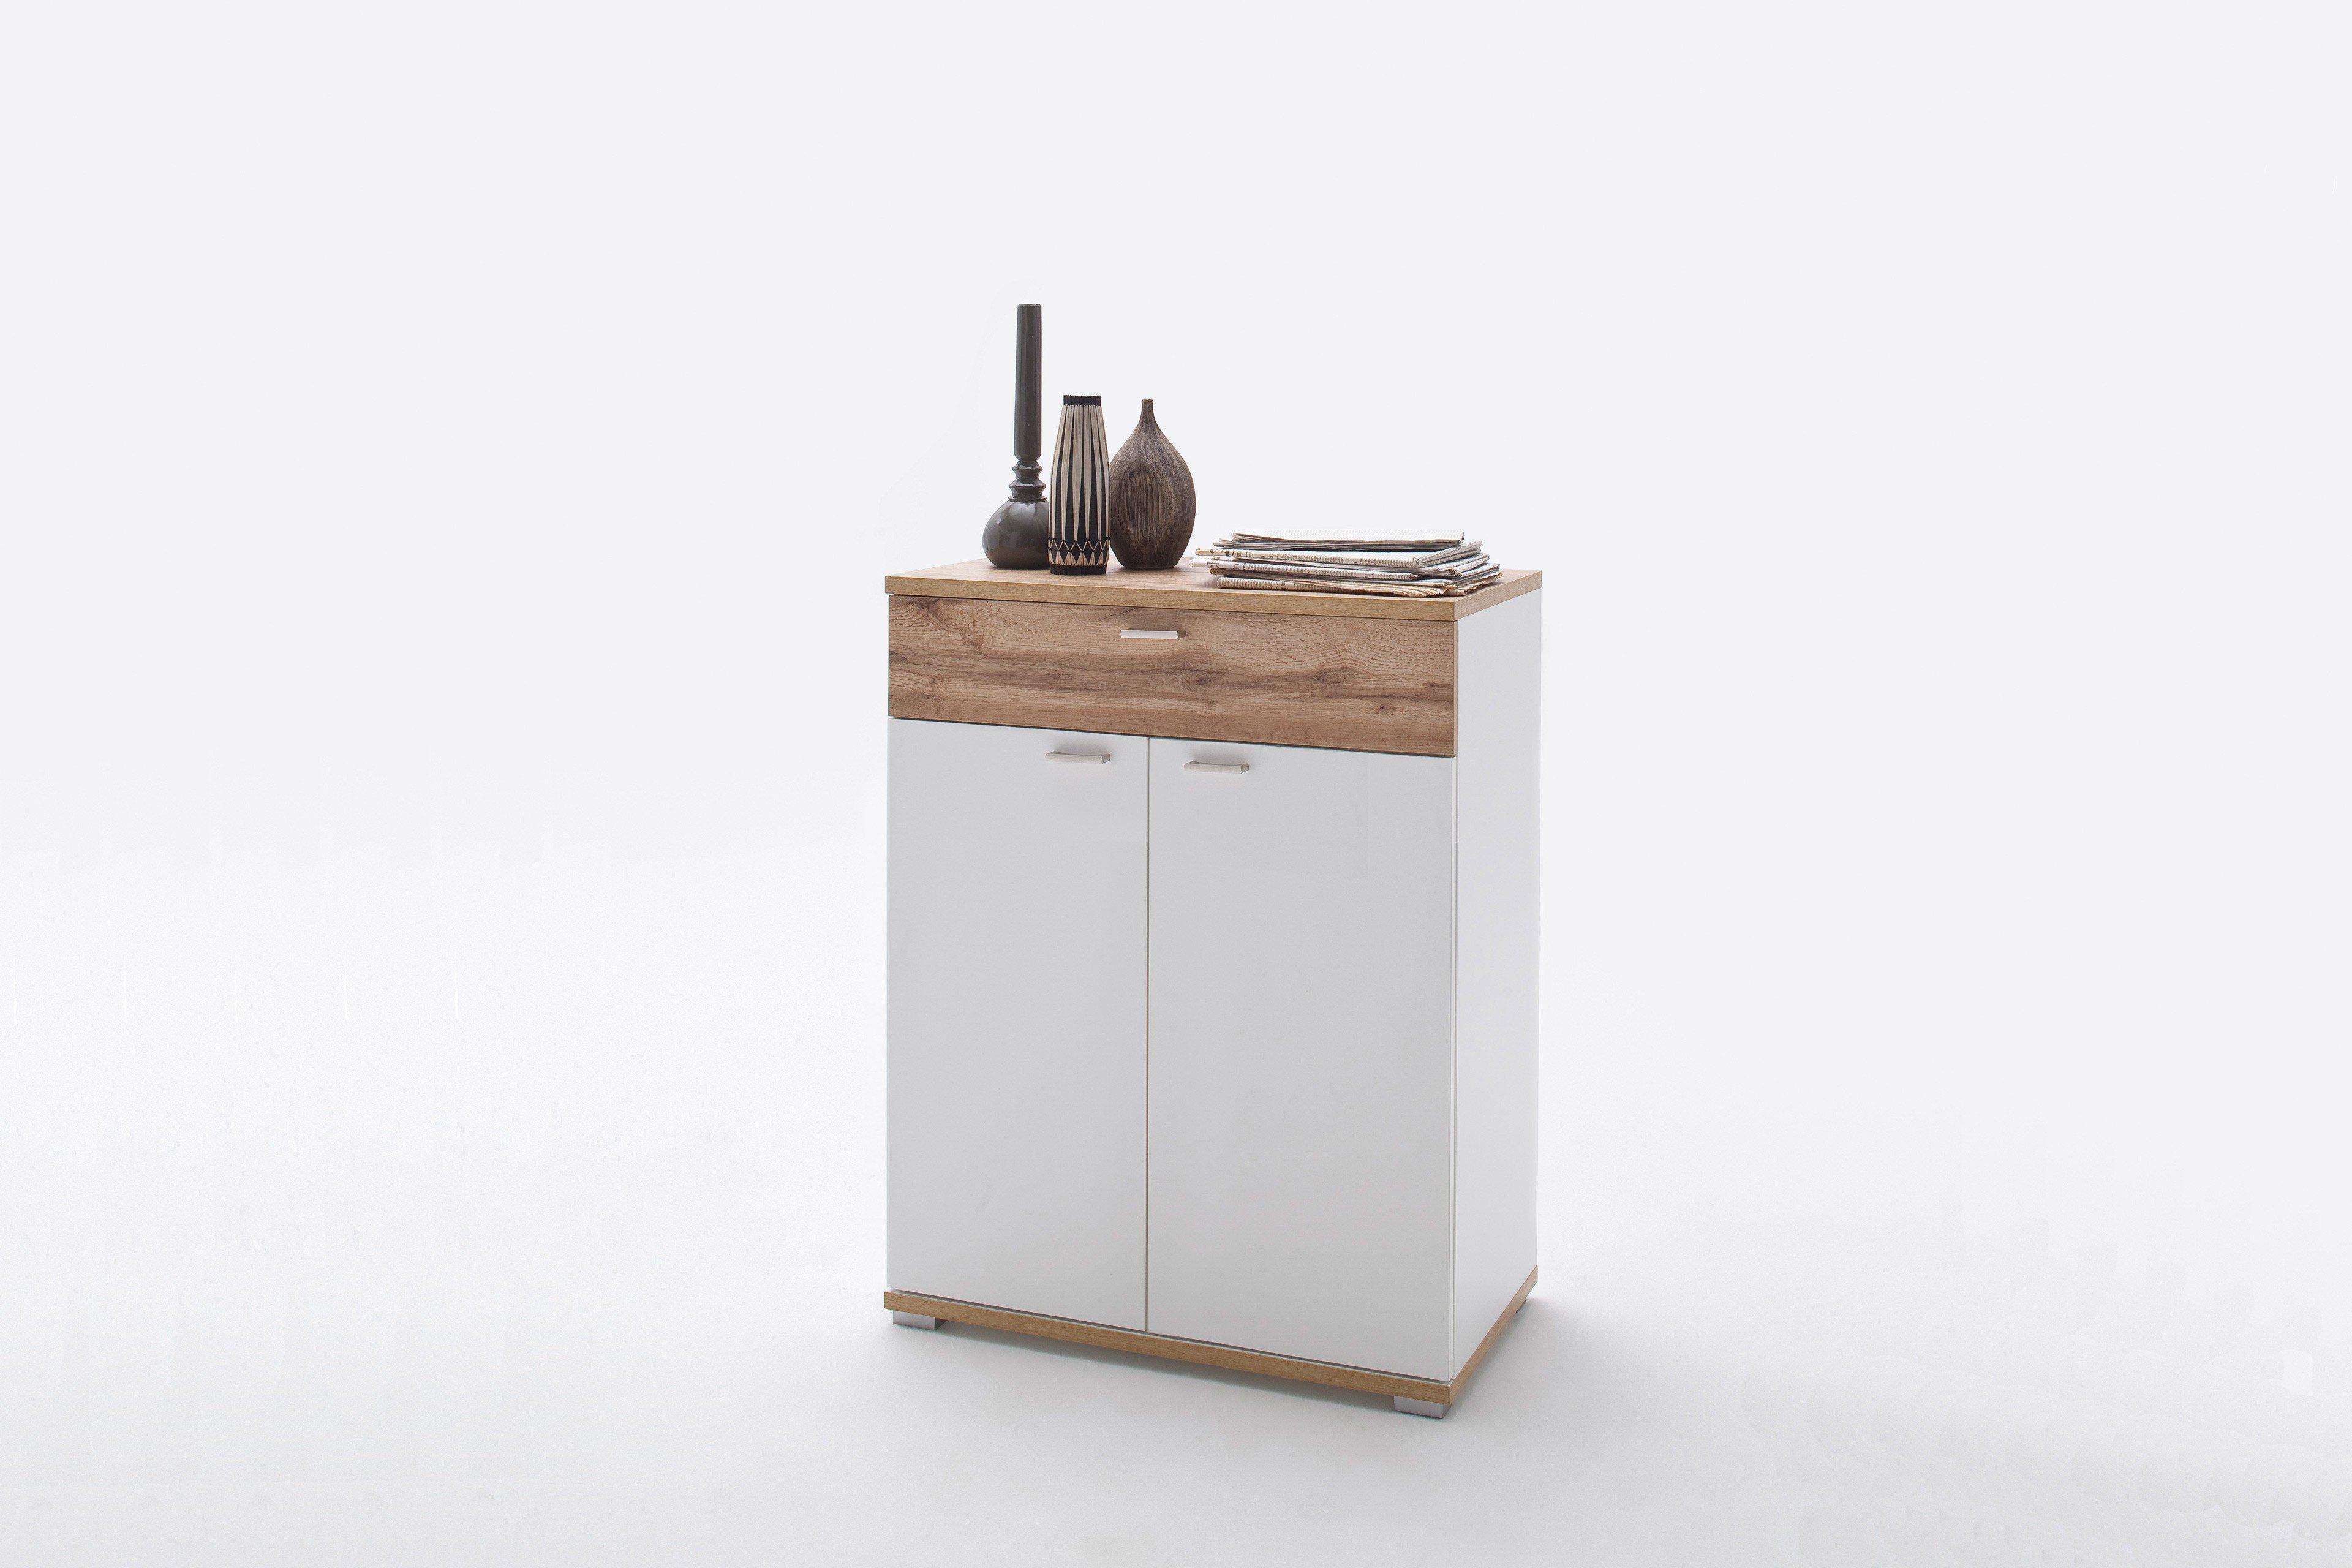 Garderobenkommode Nia In Wotan Eiche Weiss Mca Furniture Mobel